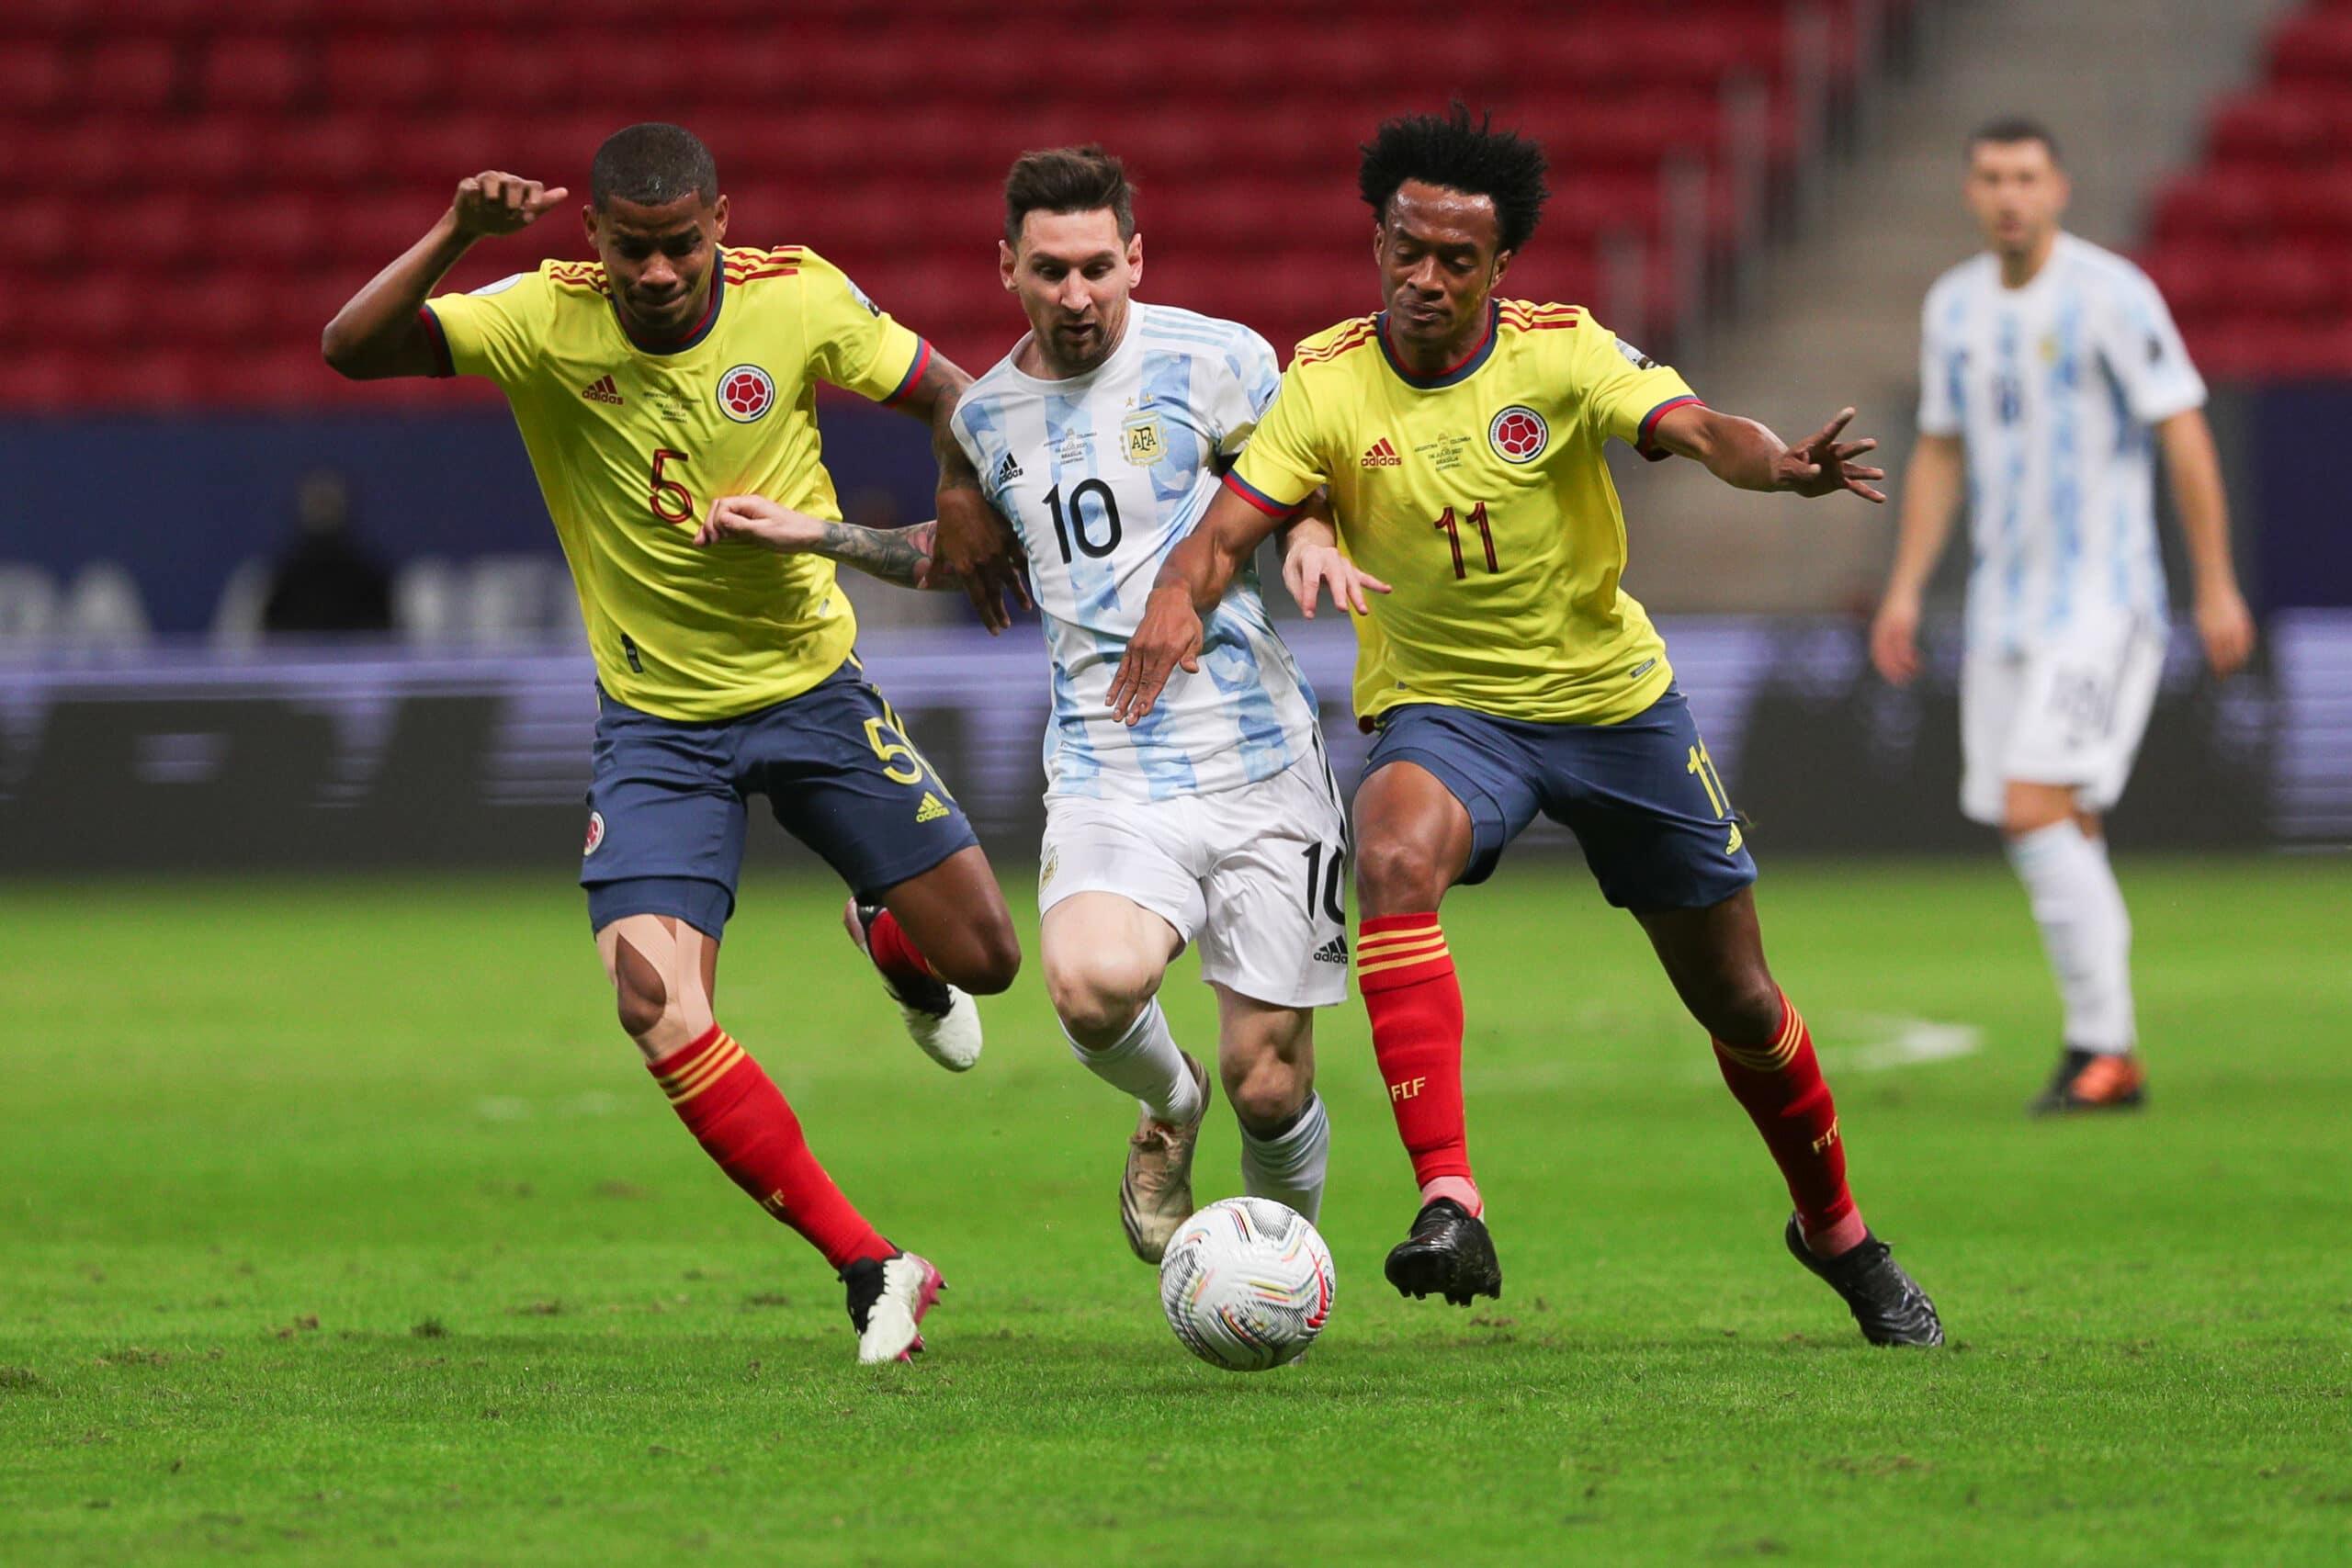 الأرجنتين تحسم مباراة القمة في كوبا أمريكا أمام كولومبيا بركلات الترجيح (فيديو)